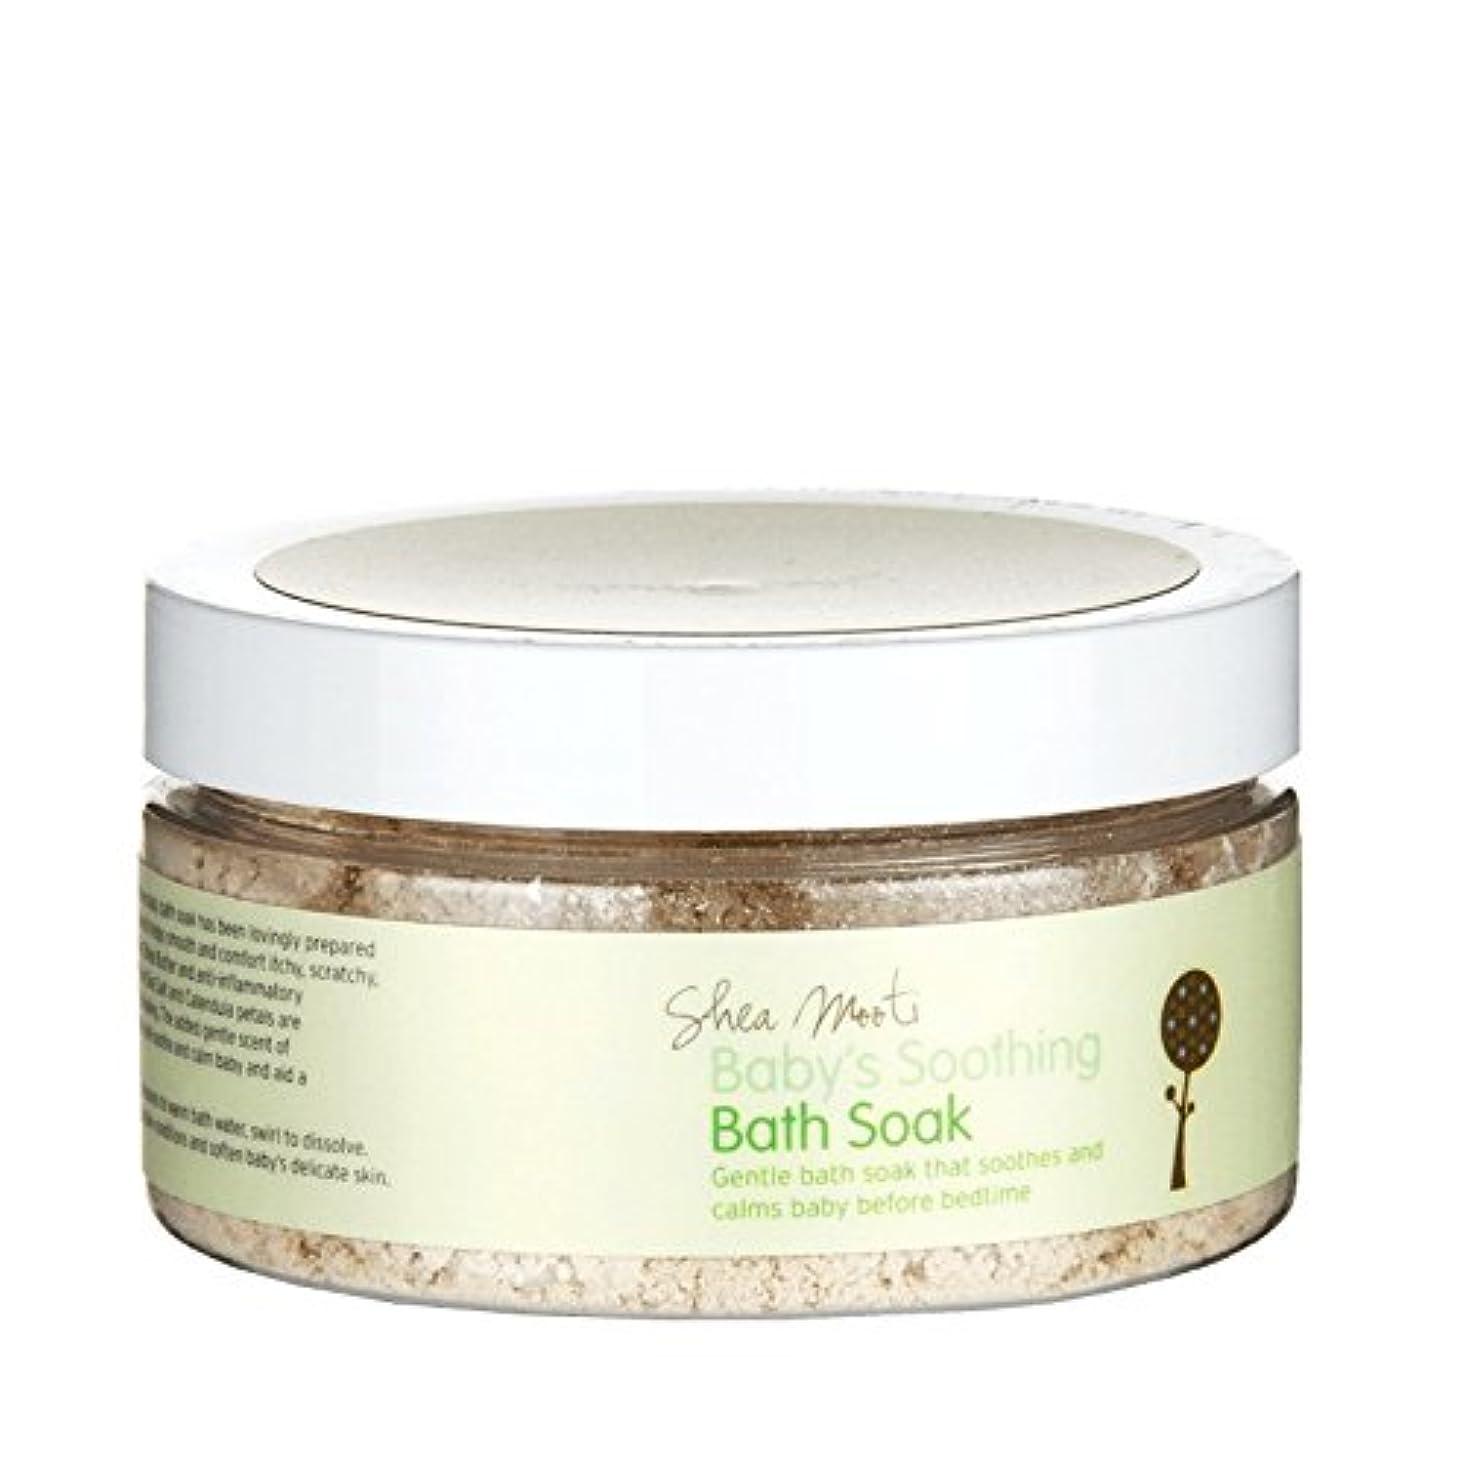 管理者くつろぐ外国人Shea Mooti Baby's Soothing Bath Soak 130g (Pack of 6) - シアバターMooti赤ちゃんの癒しのお風呂は、130グラムを浸し (x6) [並行輸入品]